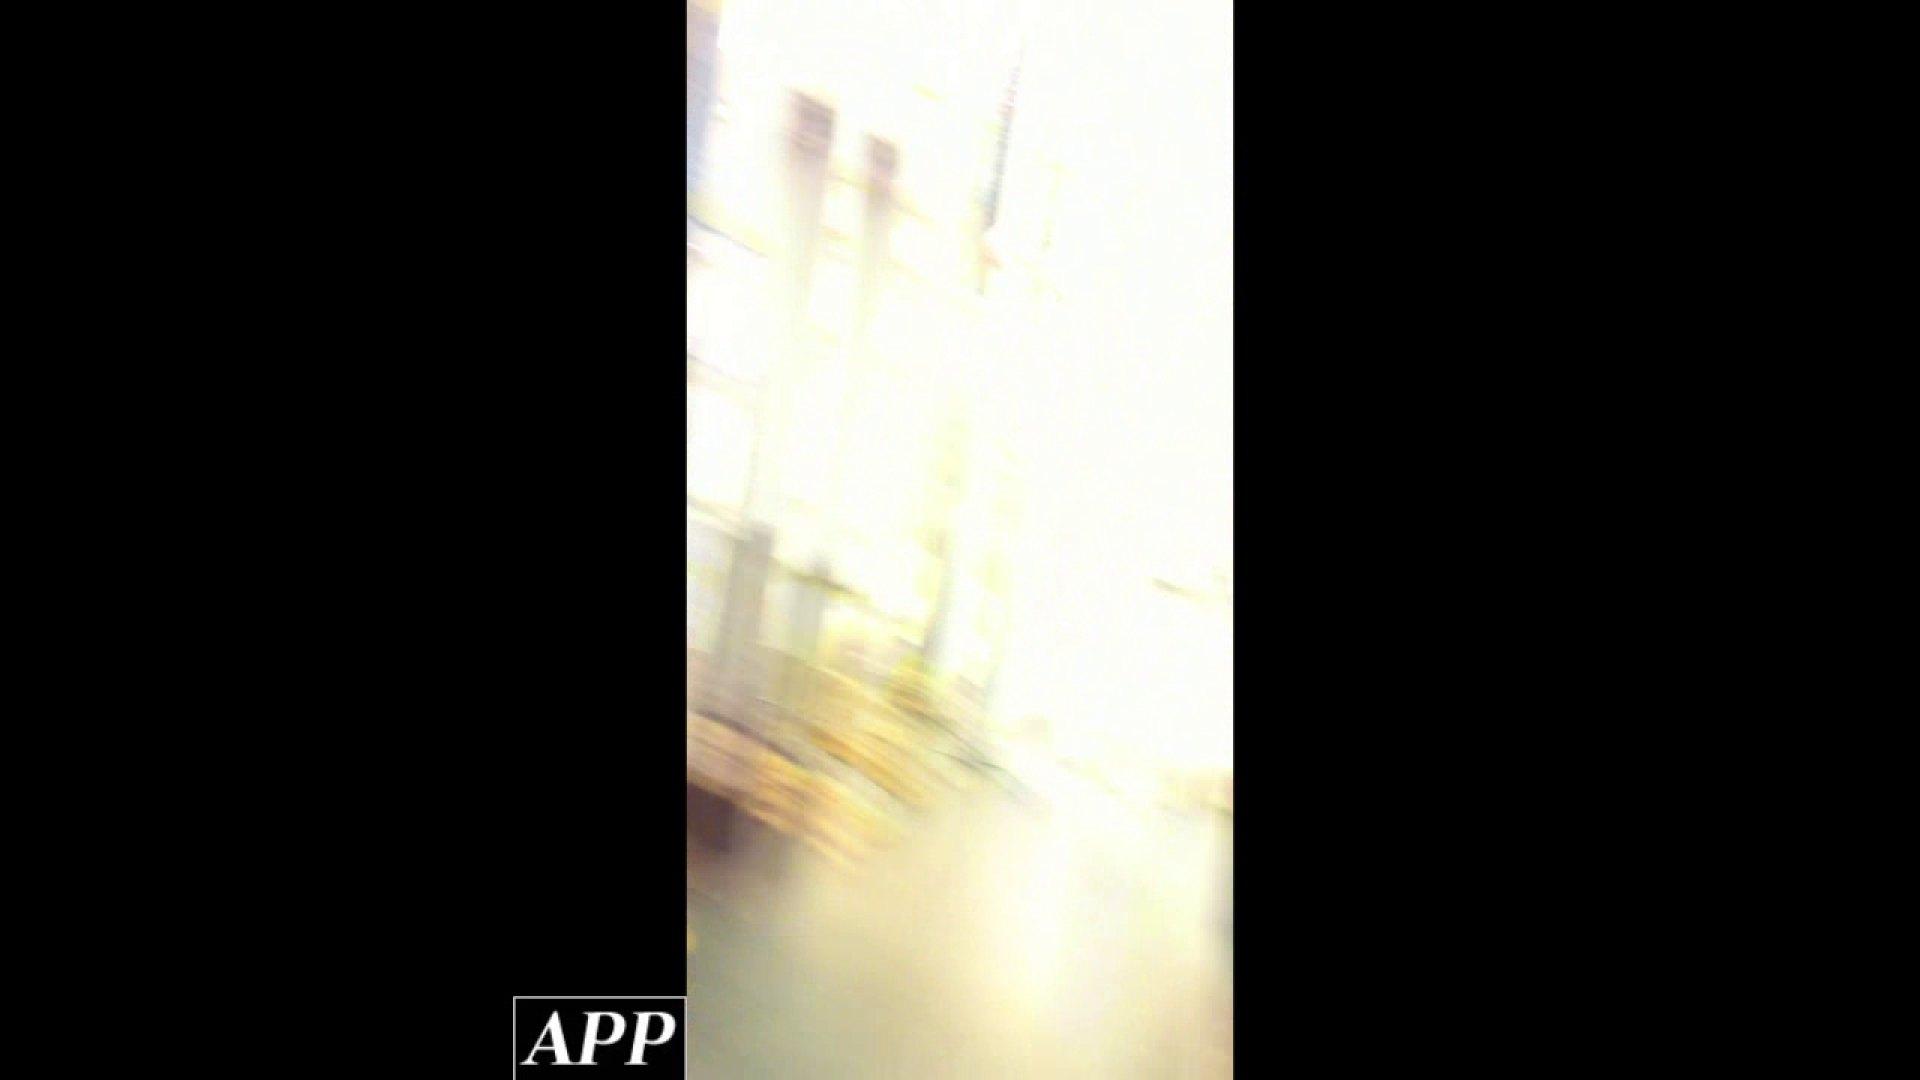 ハイビジョン盗撮!ショップ店員千人斬り!胸チラ編 vol.81 胸チラ 盗撮ワレメ無修正動画無料 90PICs 82